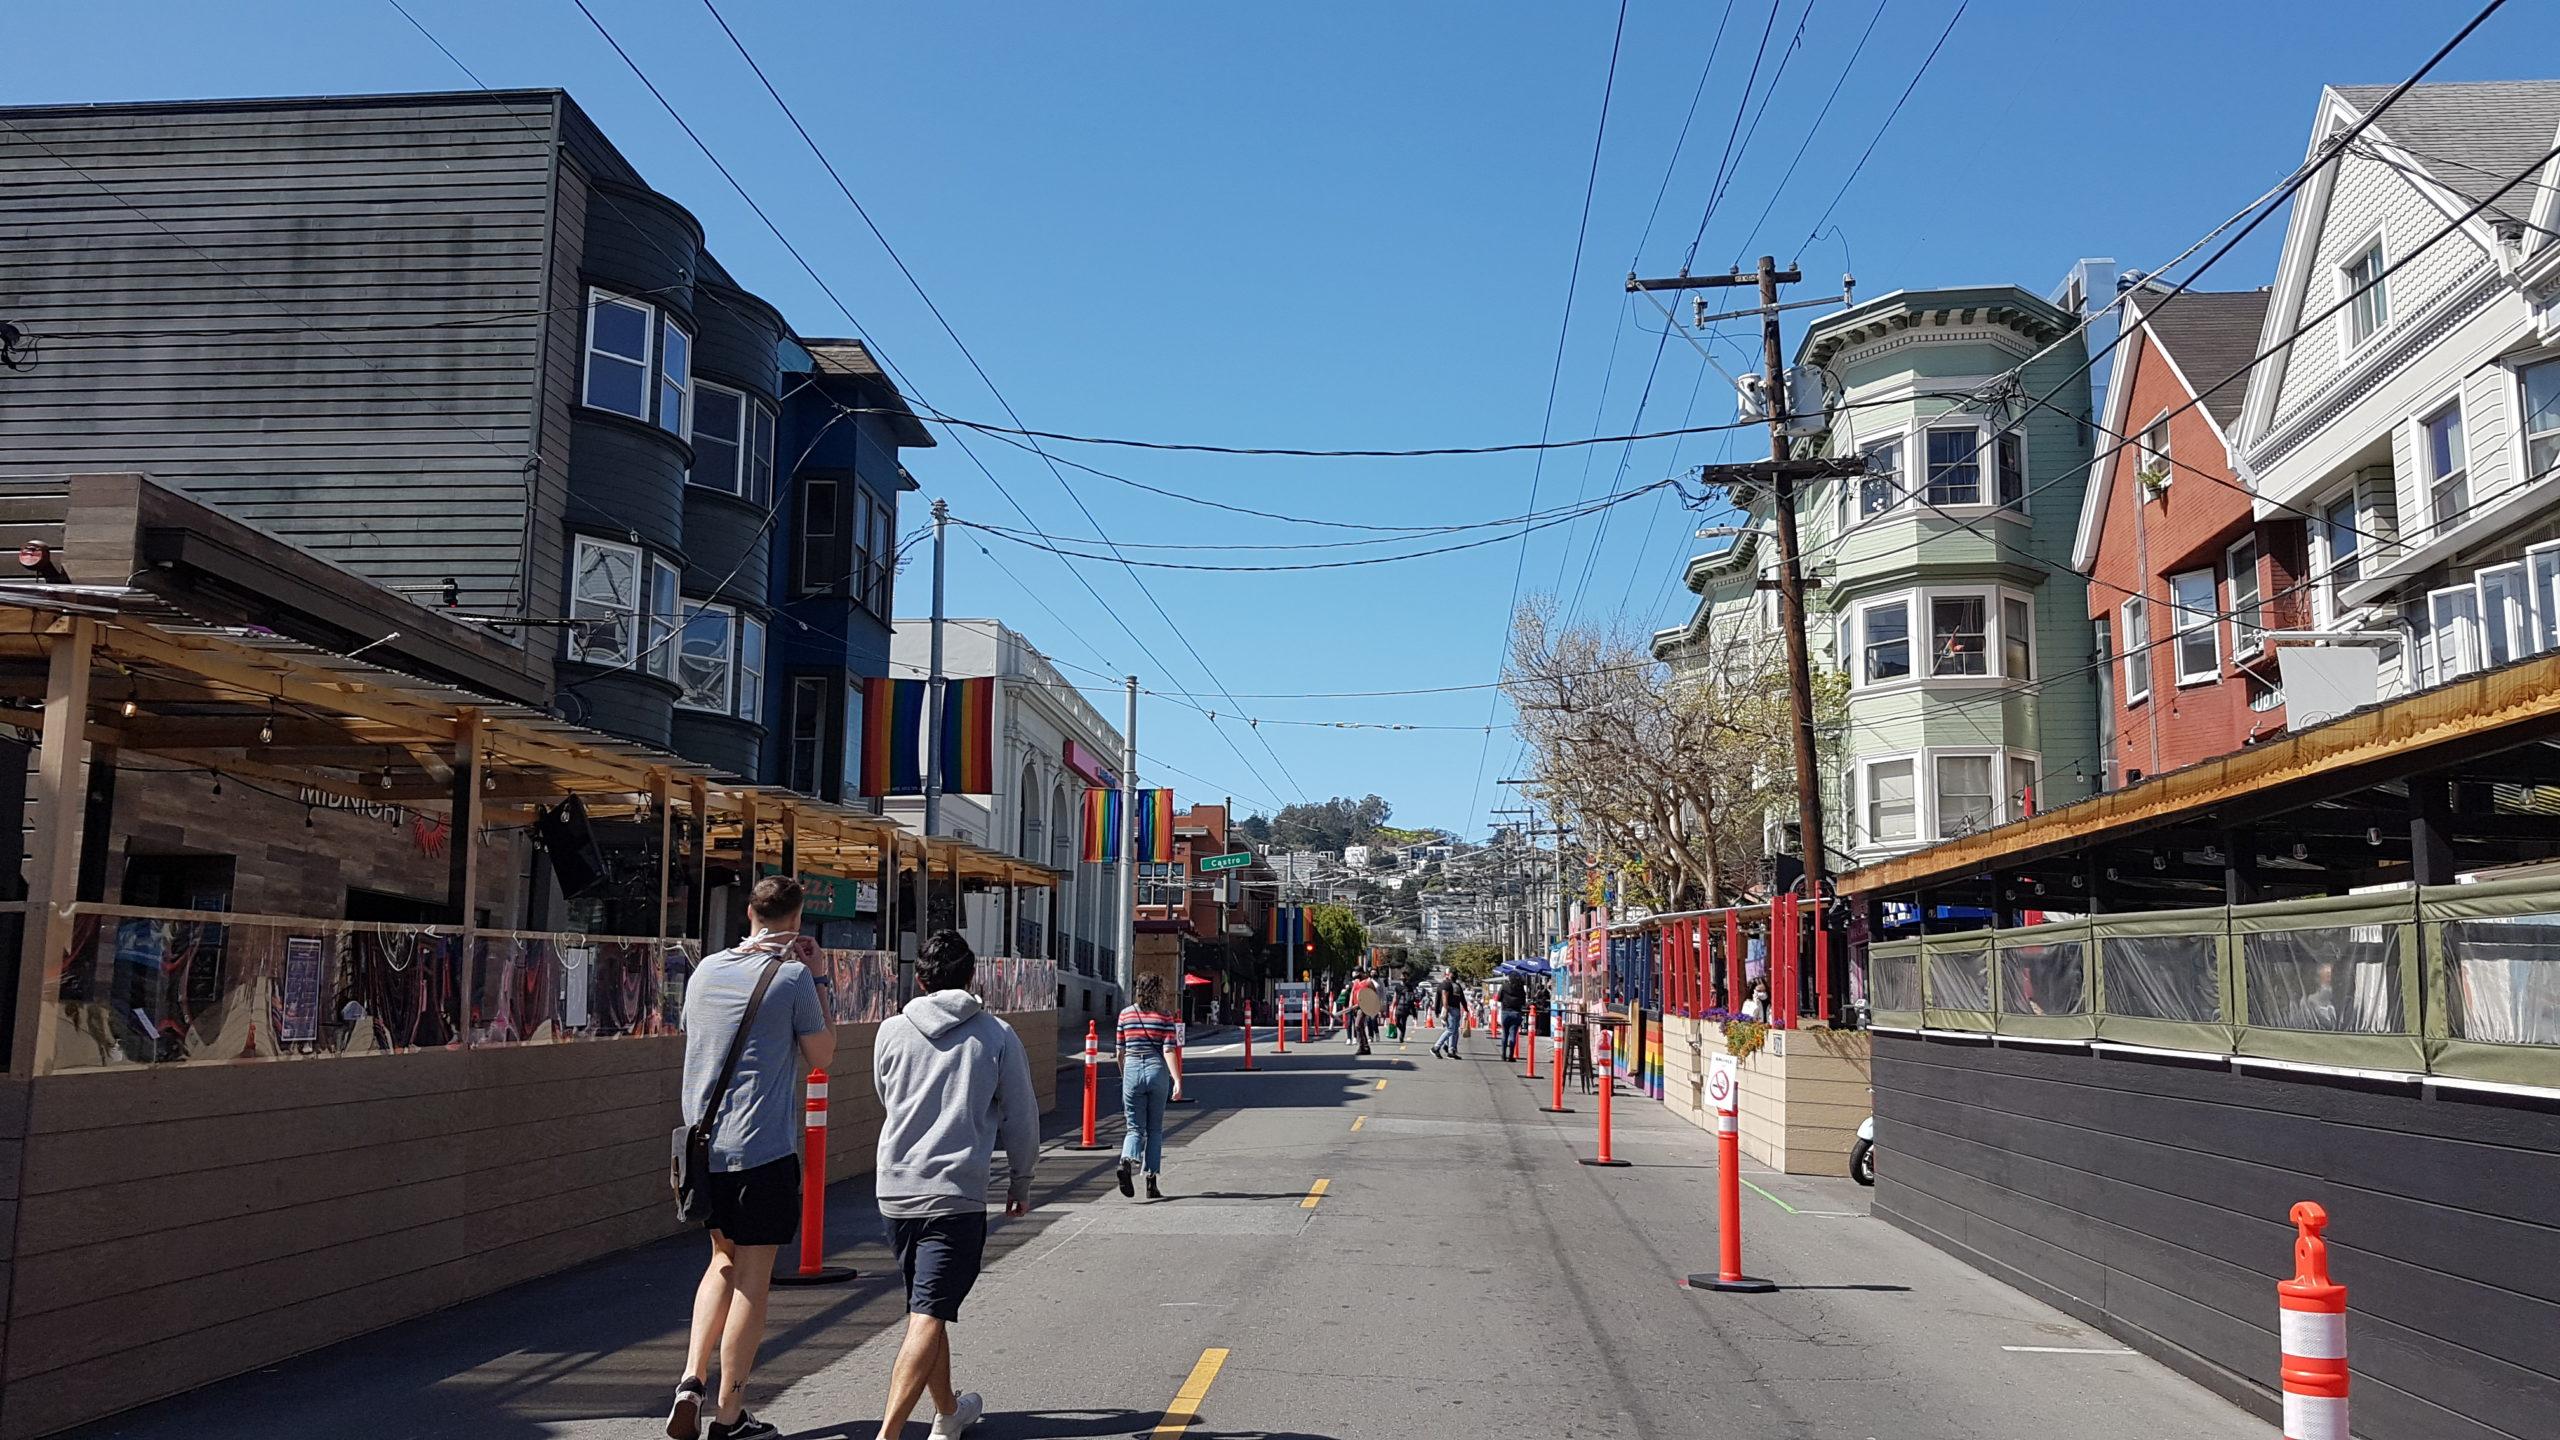 Quelques bouts de rues rendus piétons, histoire que les resto puissent étendre leurs terrasses (covid oblige).